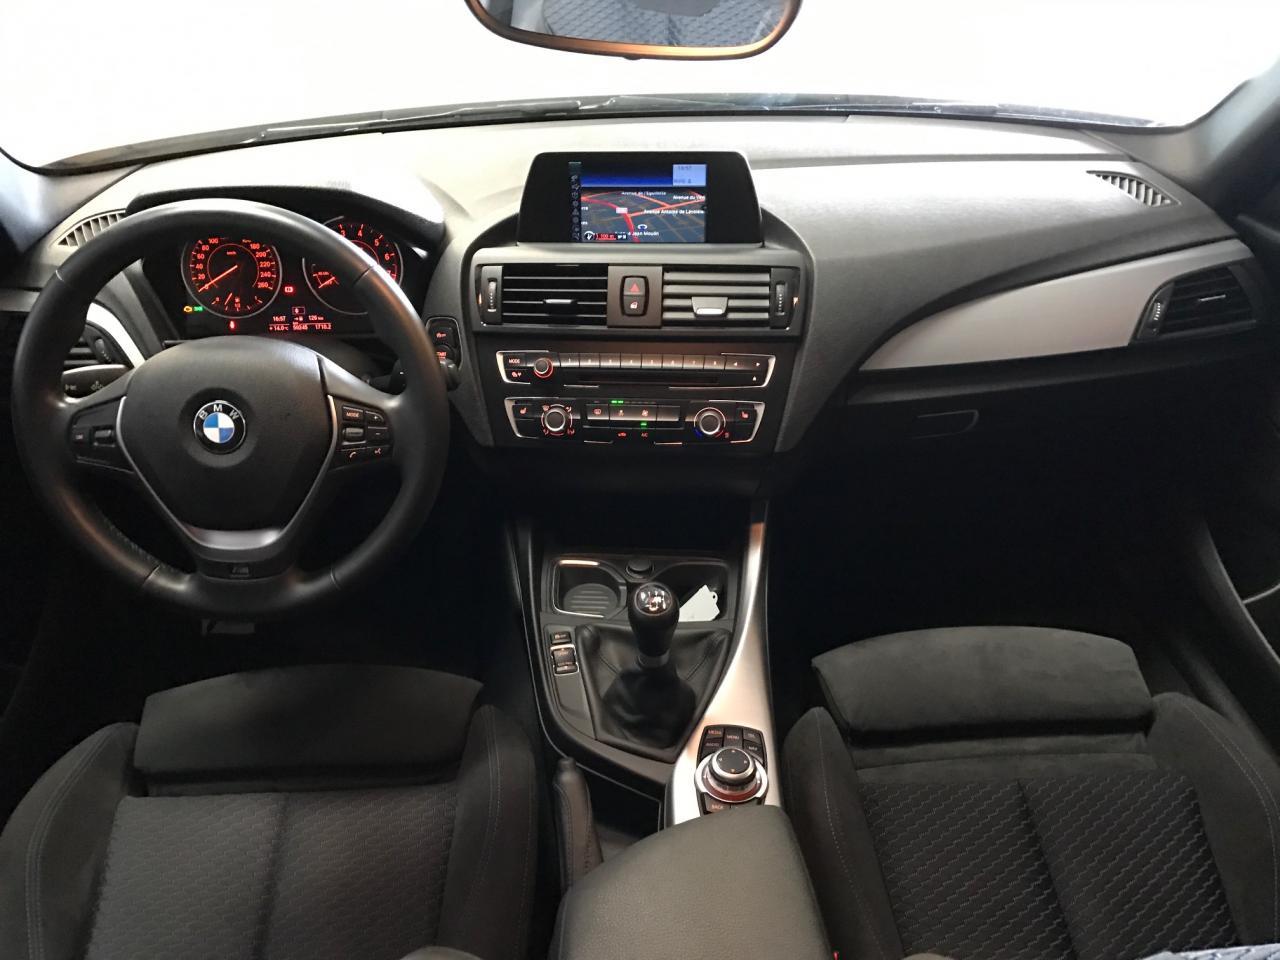 BMW SERIE 1 M-SPORT 114i 2014 49223KM